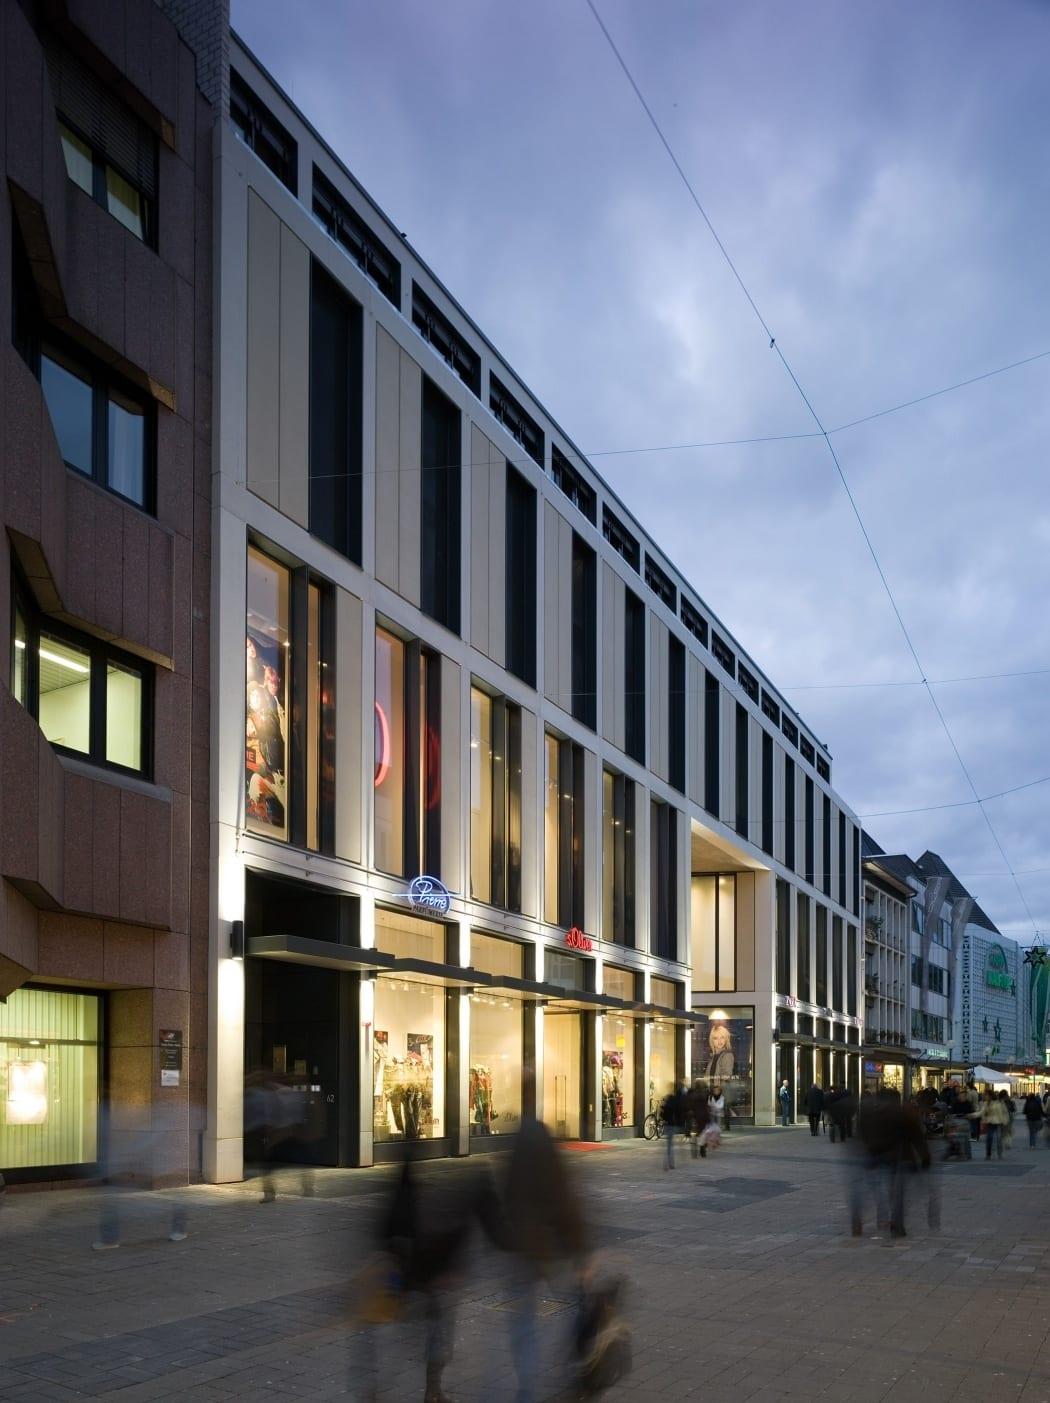 RKW Trier Trier galerie historisches Umfeld 50er Jahre Marcus Schwier 02